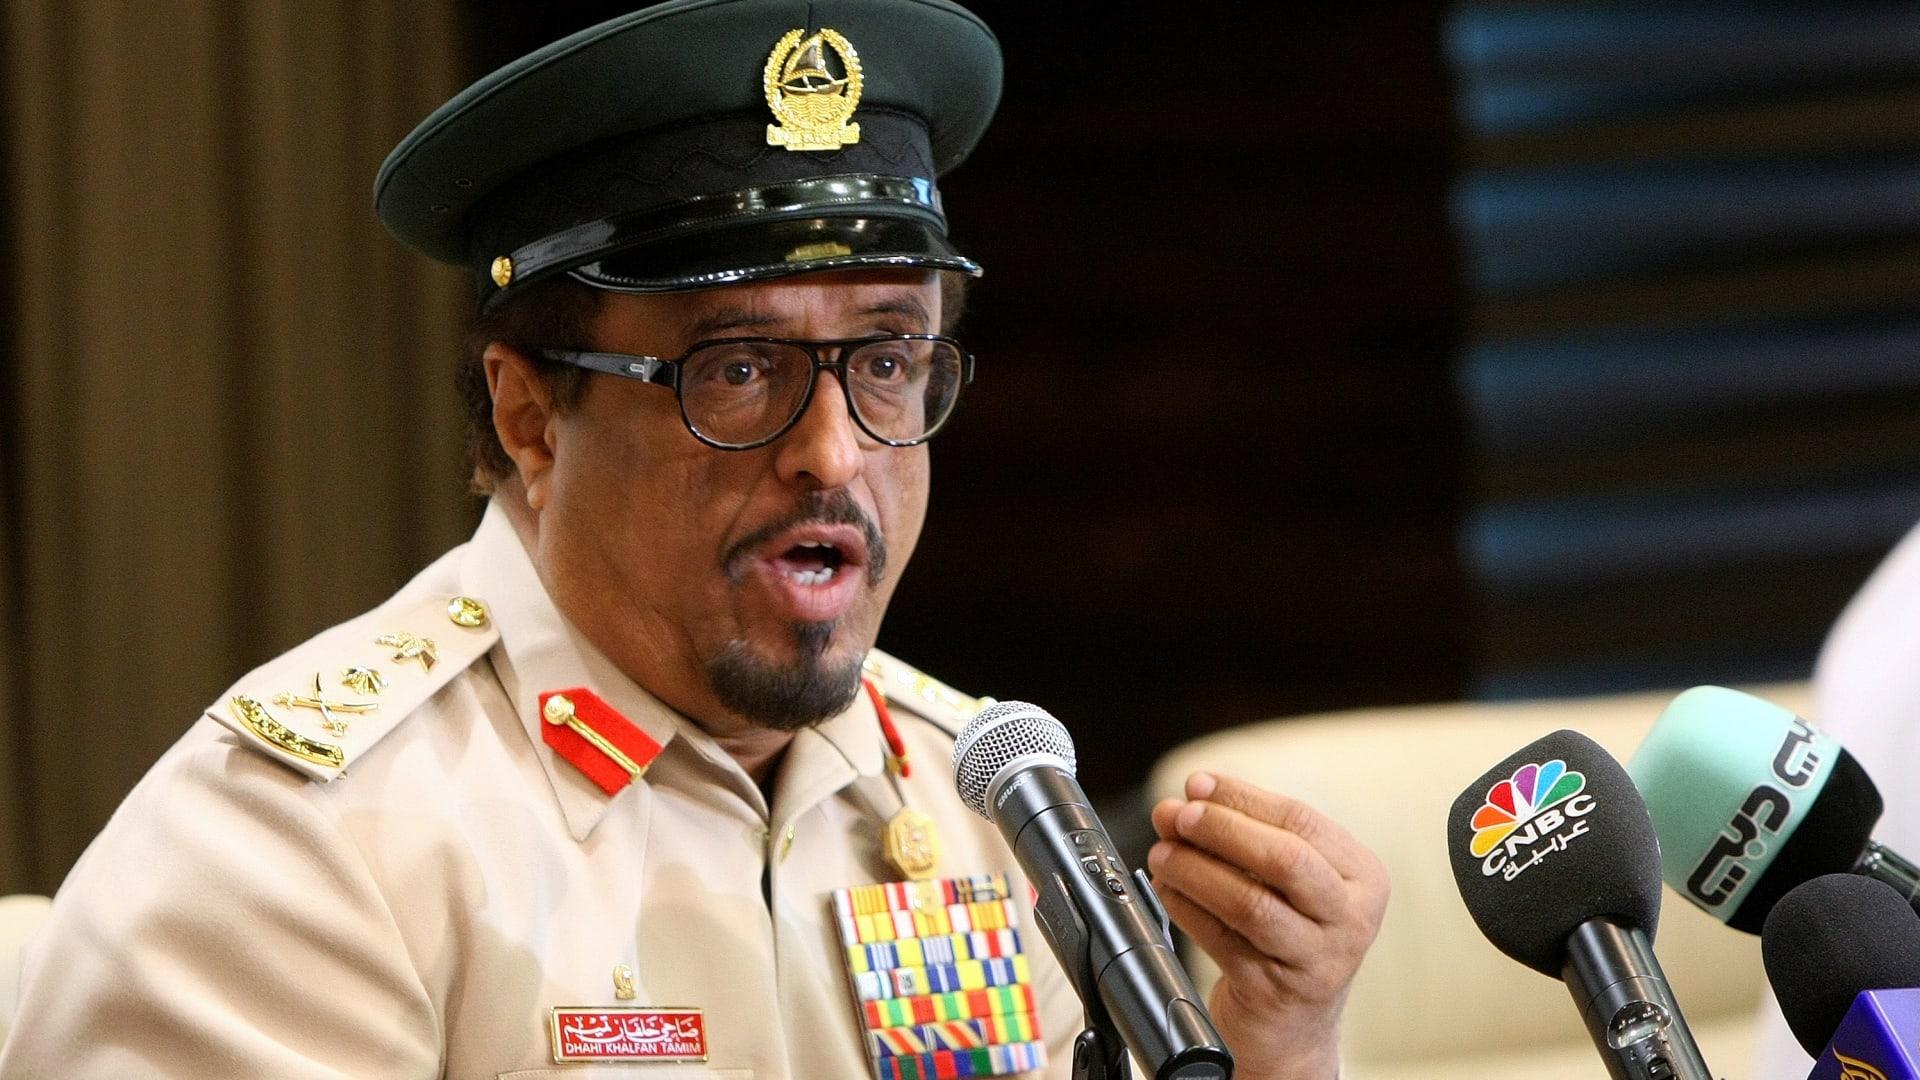 لماذا رفض الحوثيون مبادرة السعودية لوقف إطلاق النار في اليمن؟